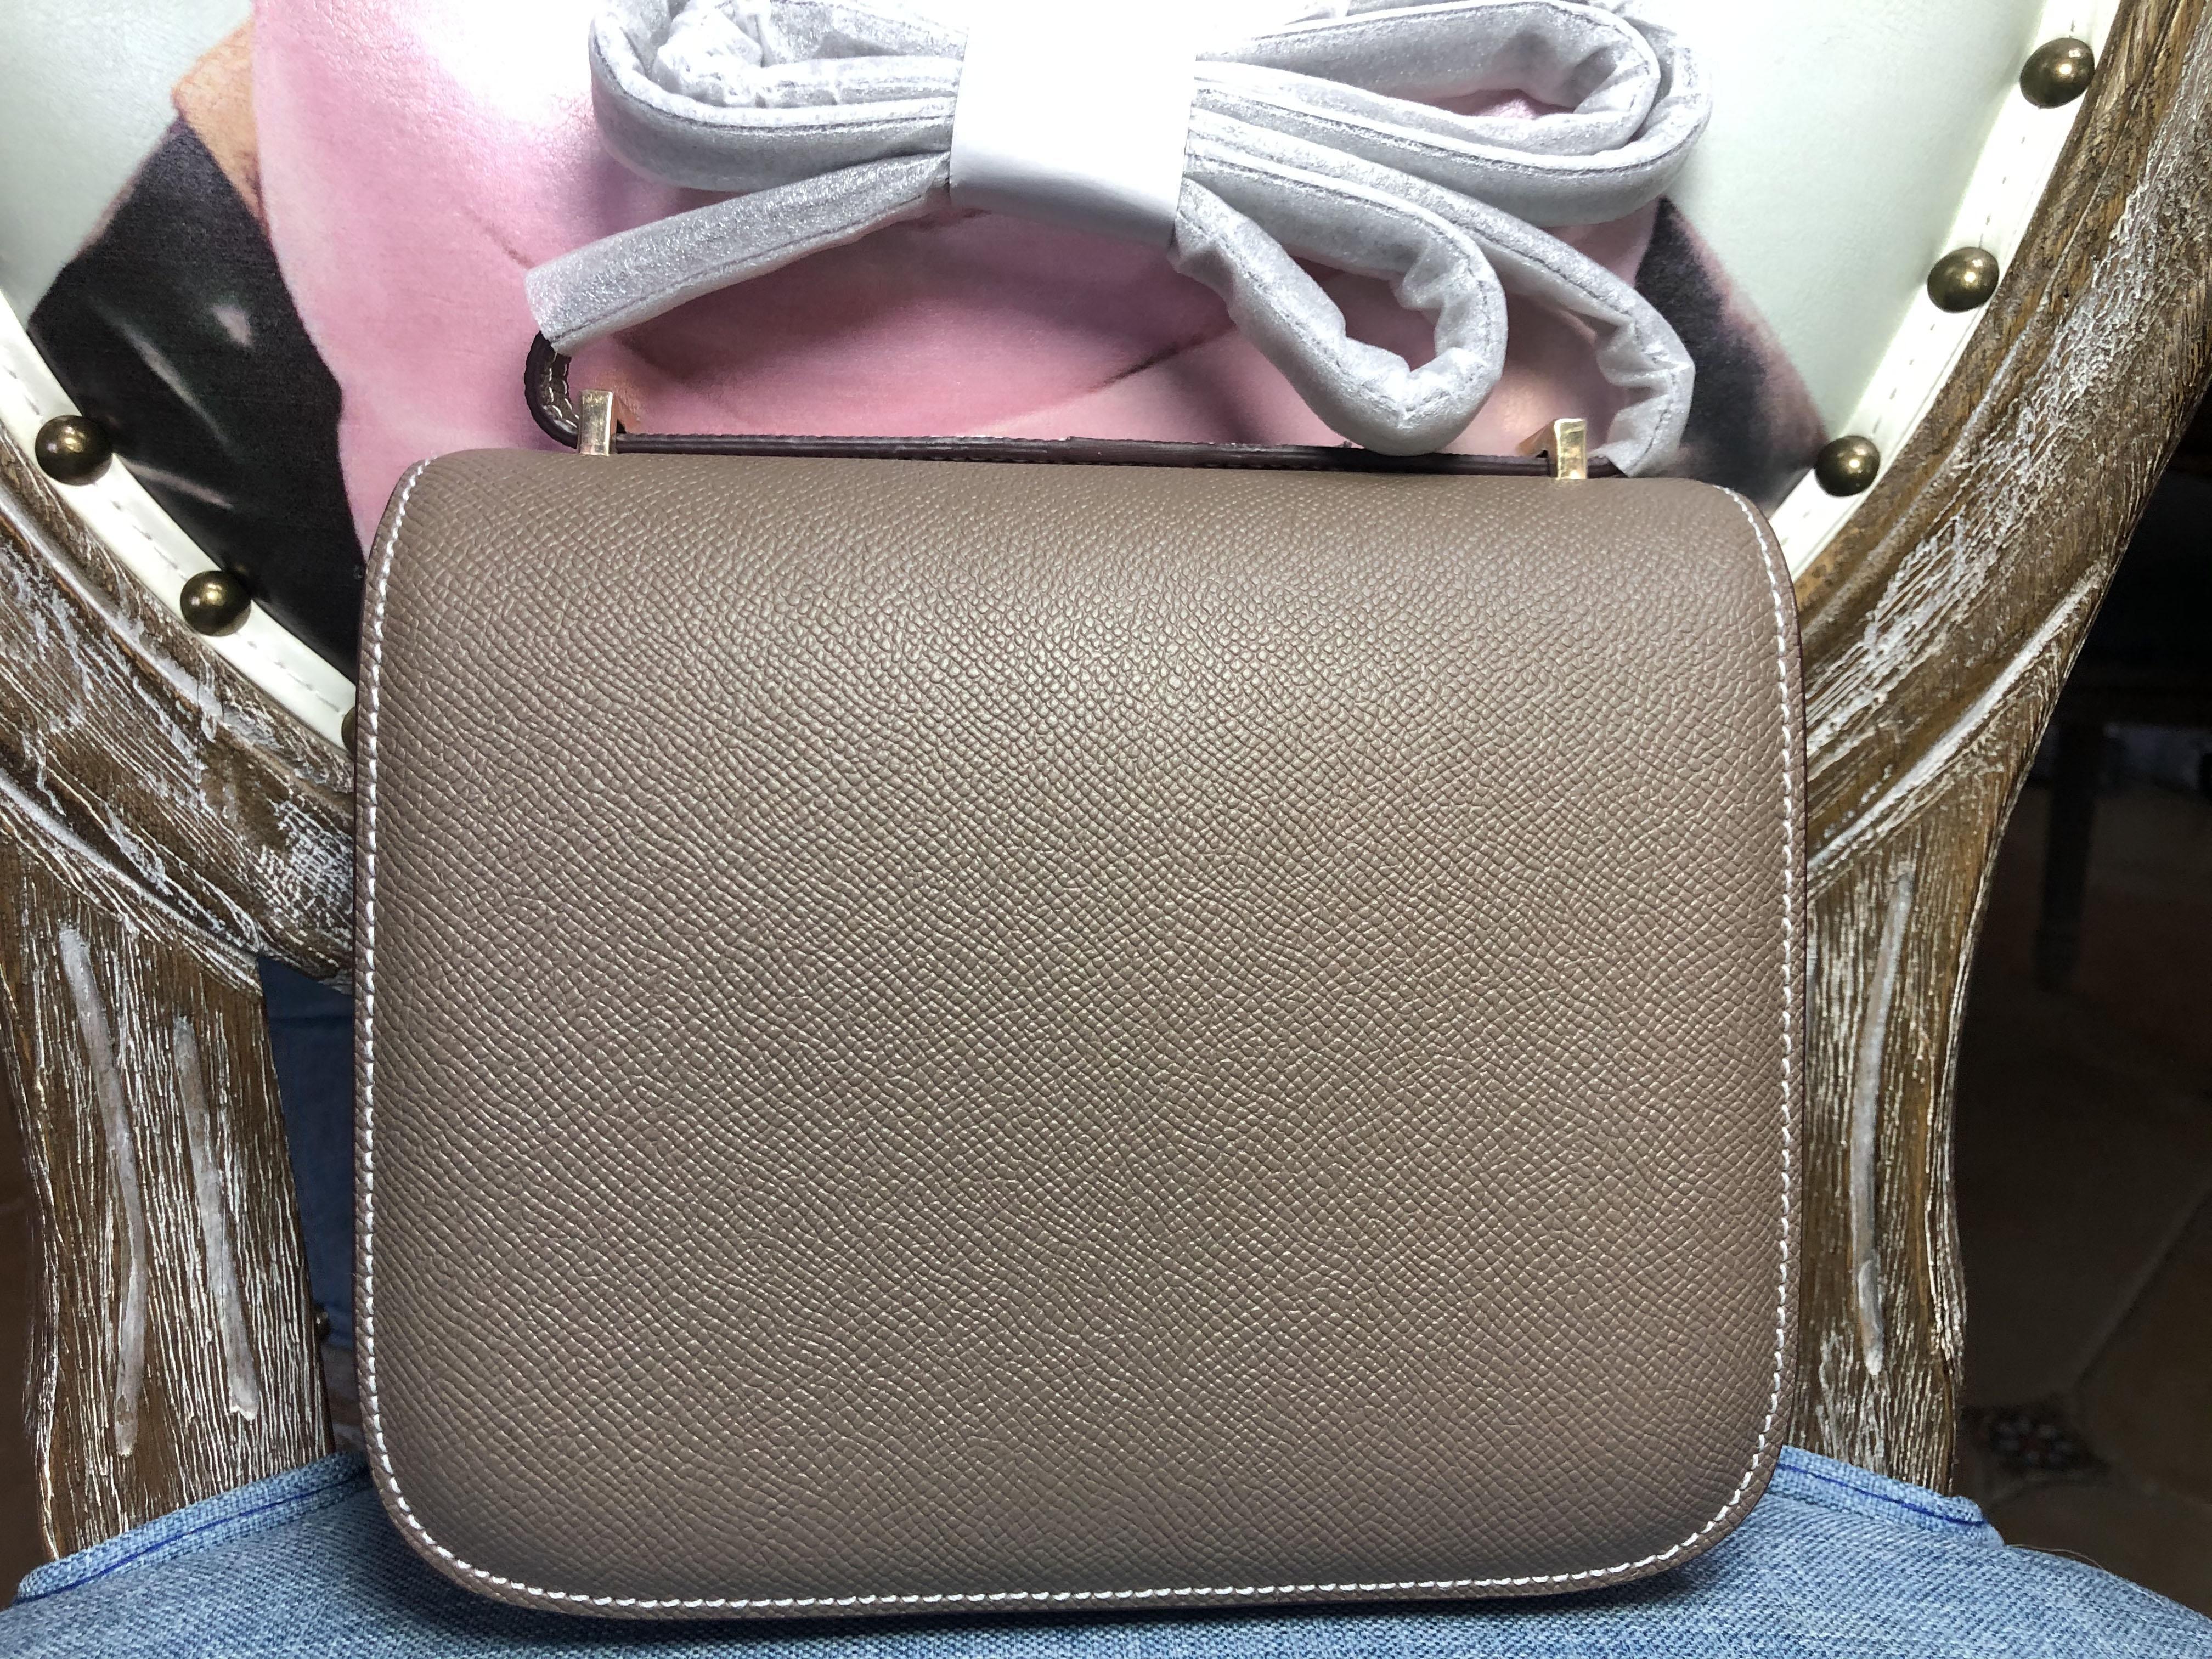 Bolsos de alta calidad Mensajero Bolso de moda bolso de cuero genuino Lichi bolsas de cuero bolso de hombro bolsa de hombro bolsa de noche bolsas de noche bolsas de compras